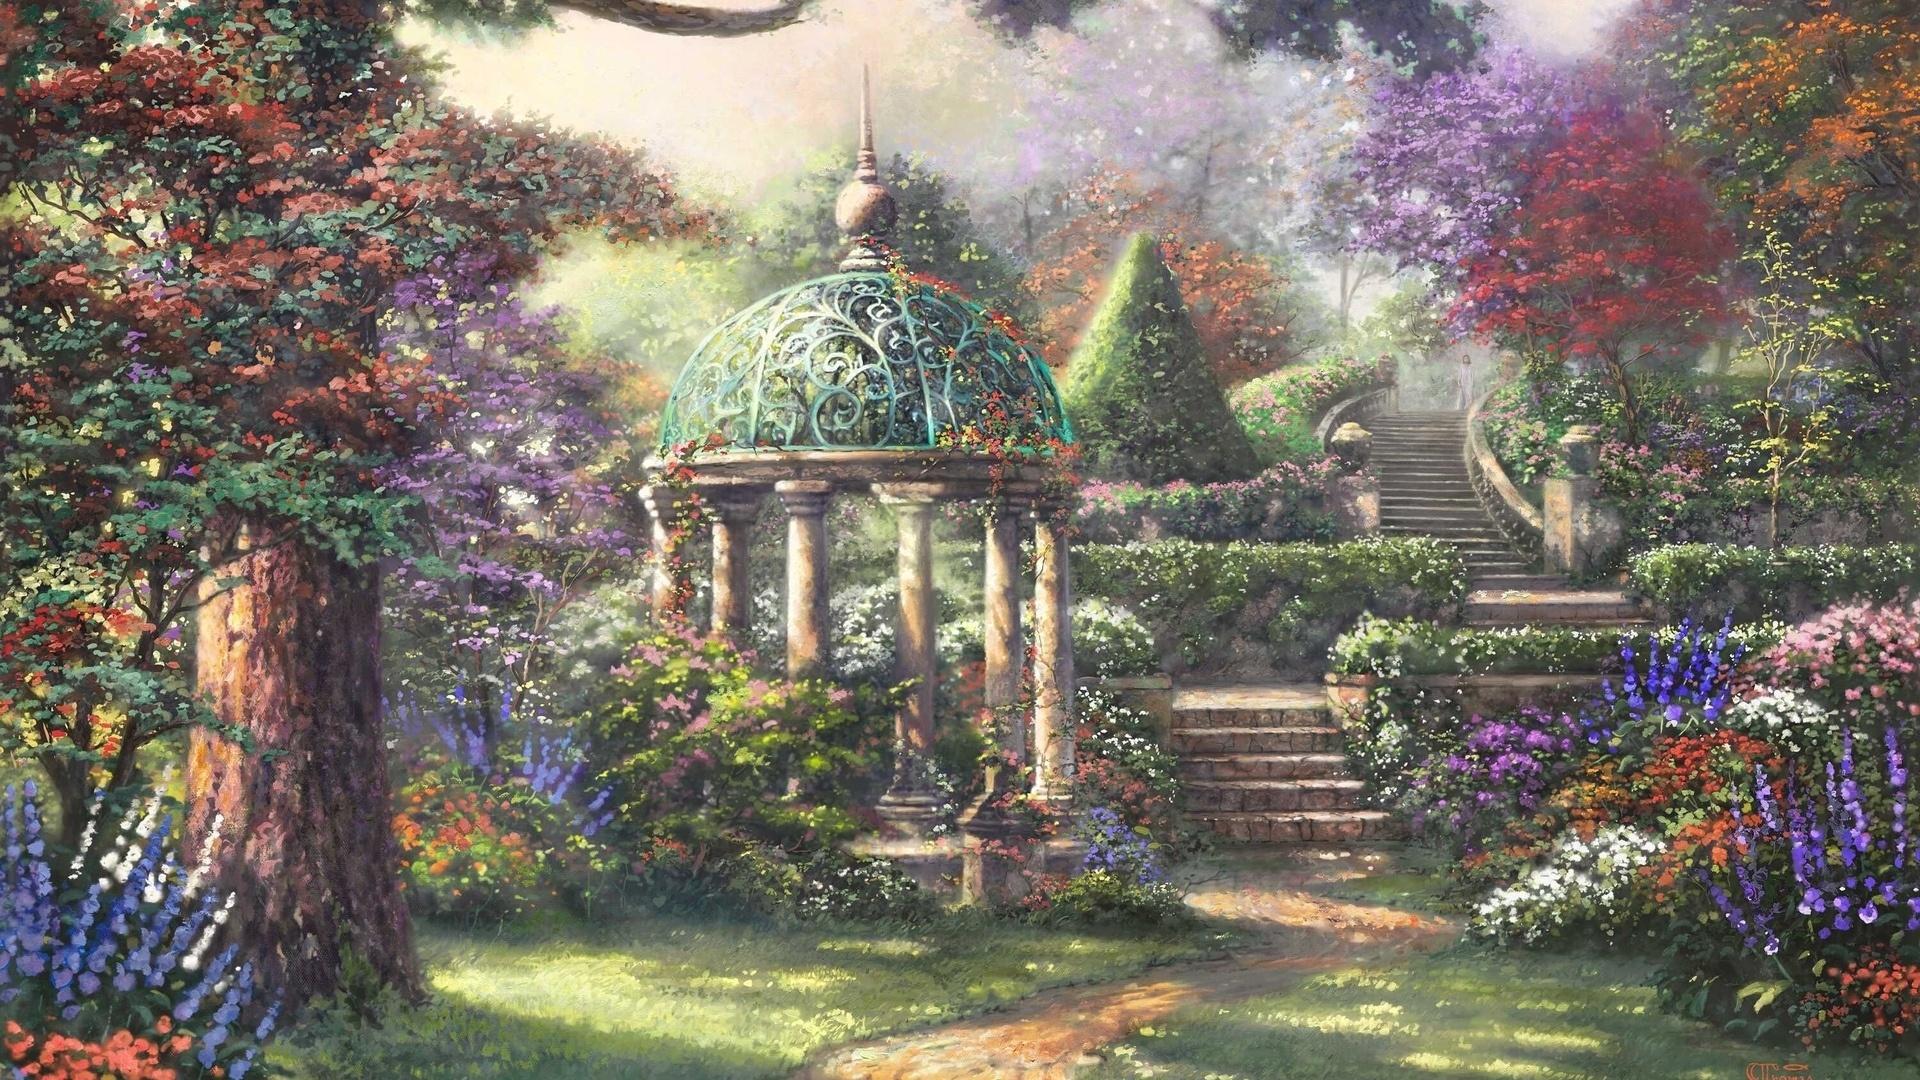 Garden Art Desktop Wallpaper